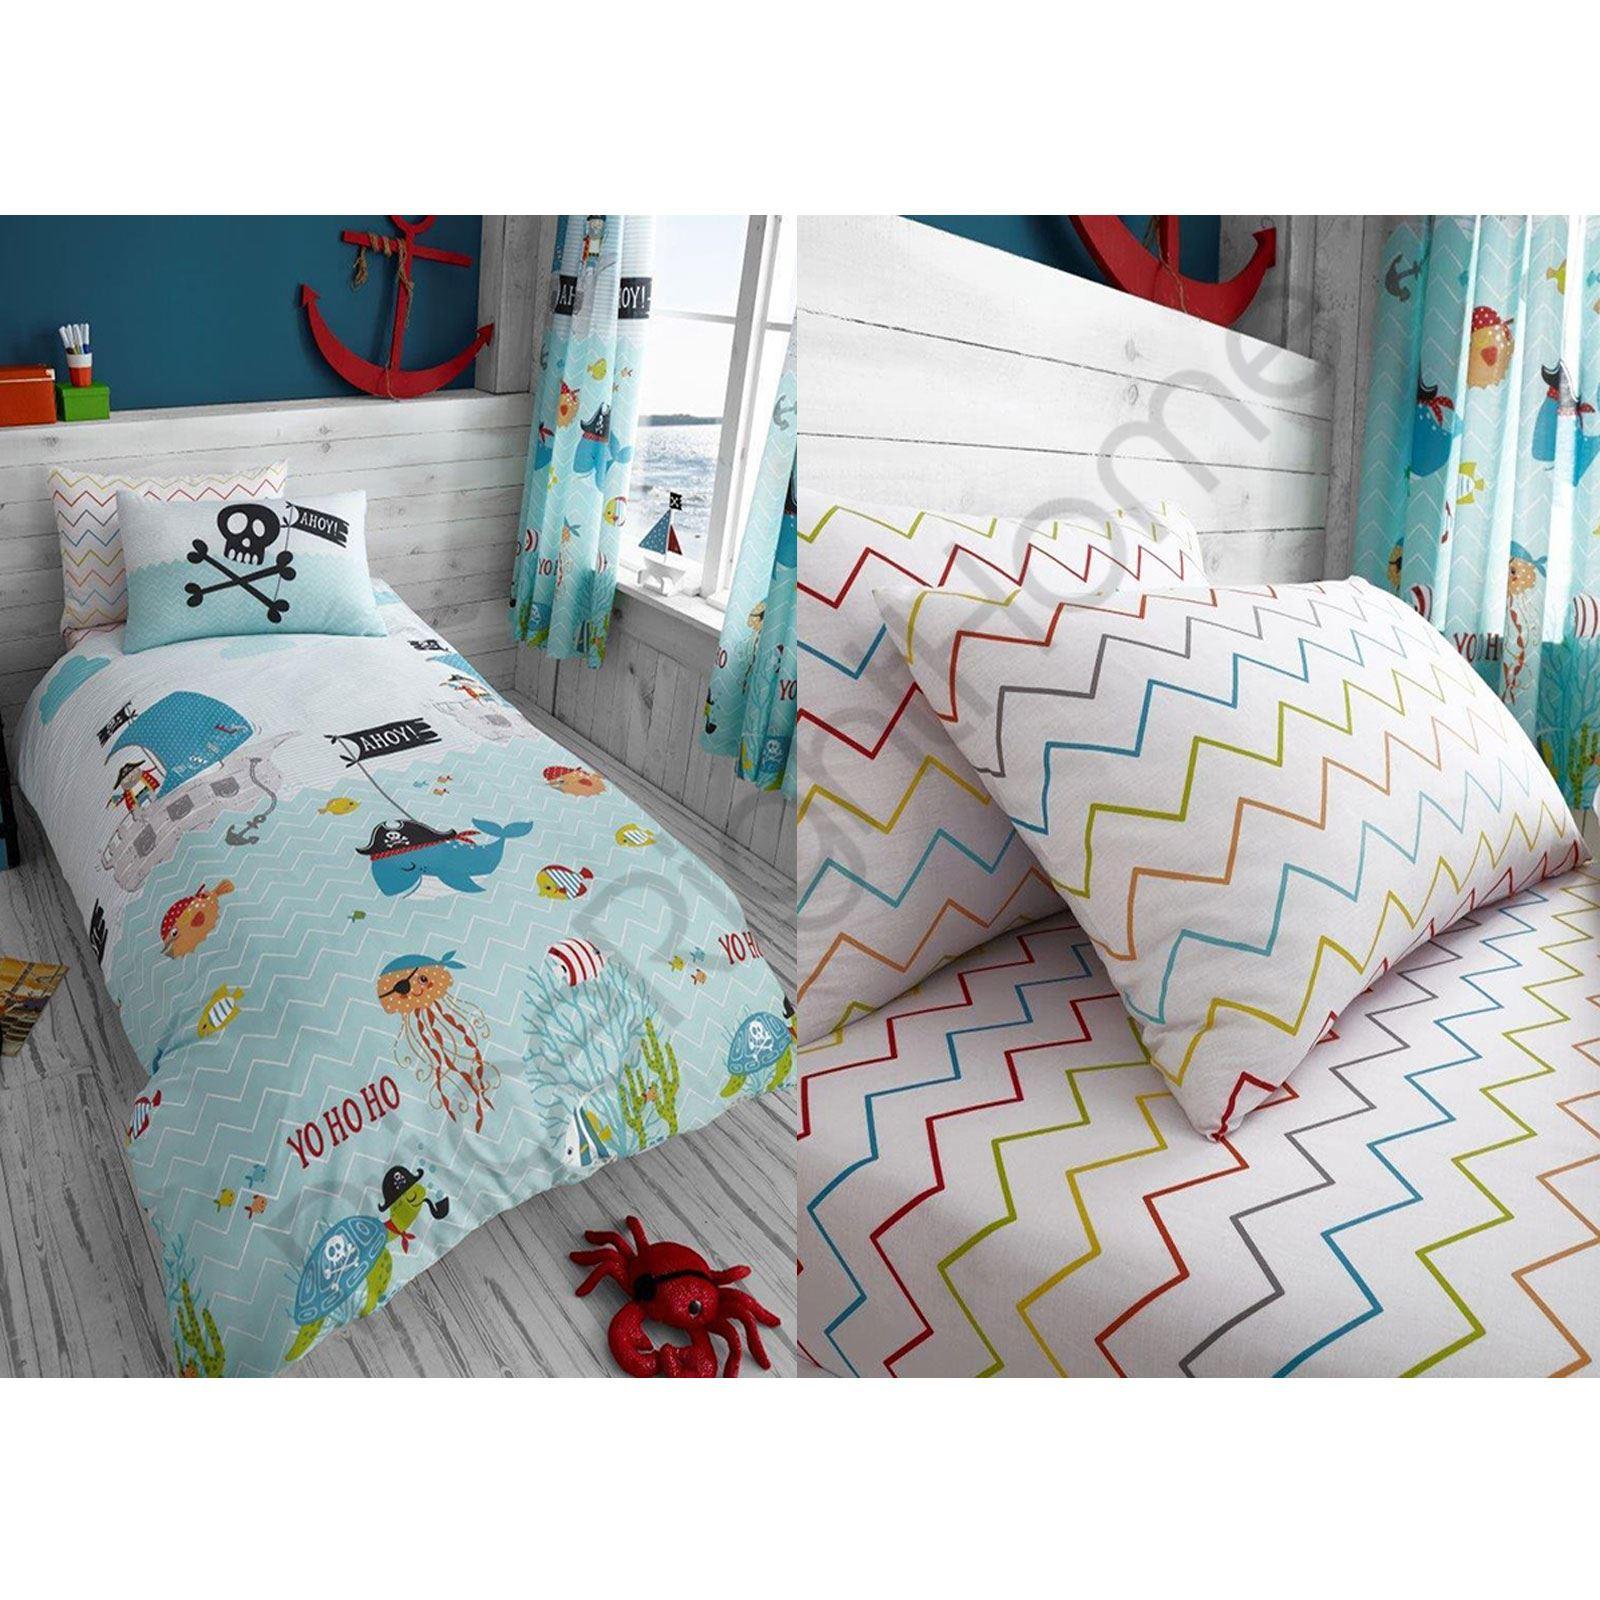 Bettwasche Kinder Madchen Kinderbettwasche Kinderbettzeug Fur